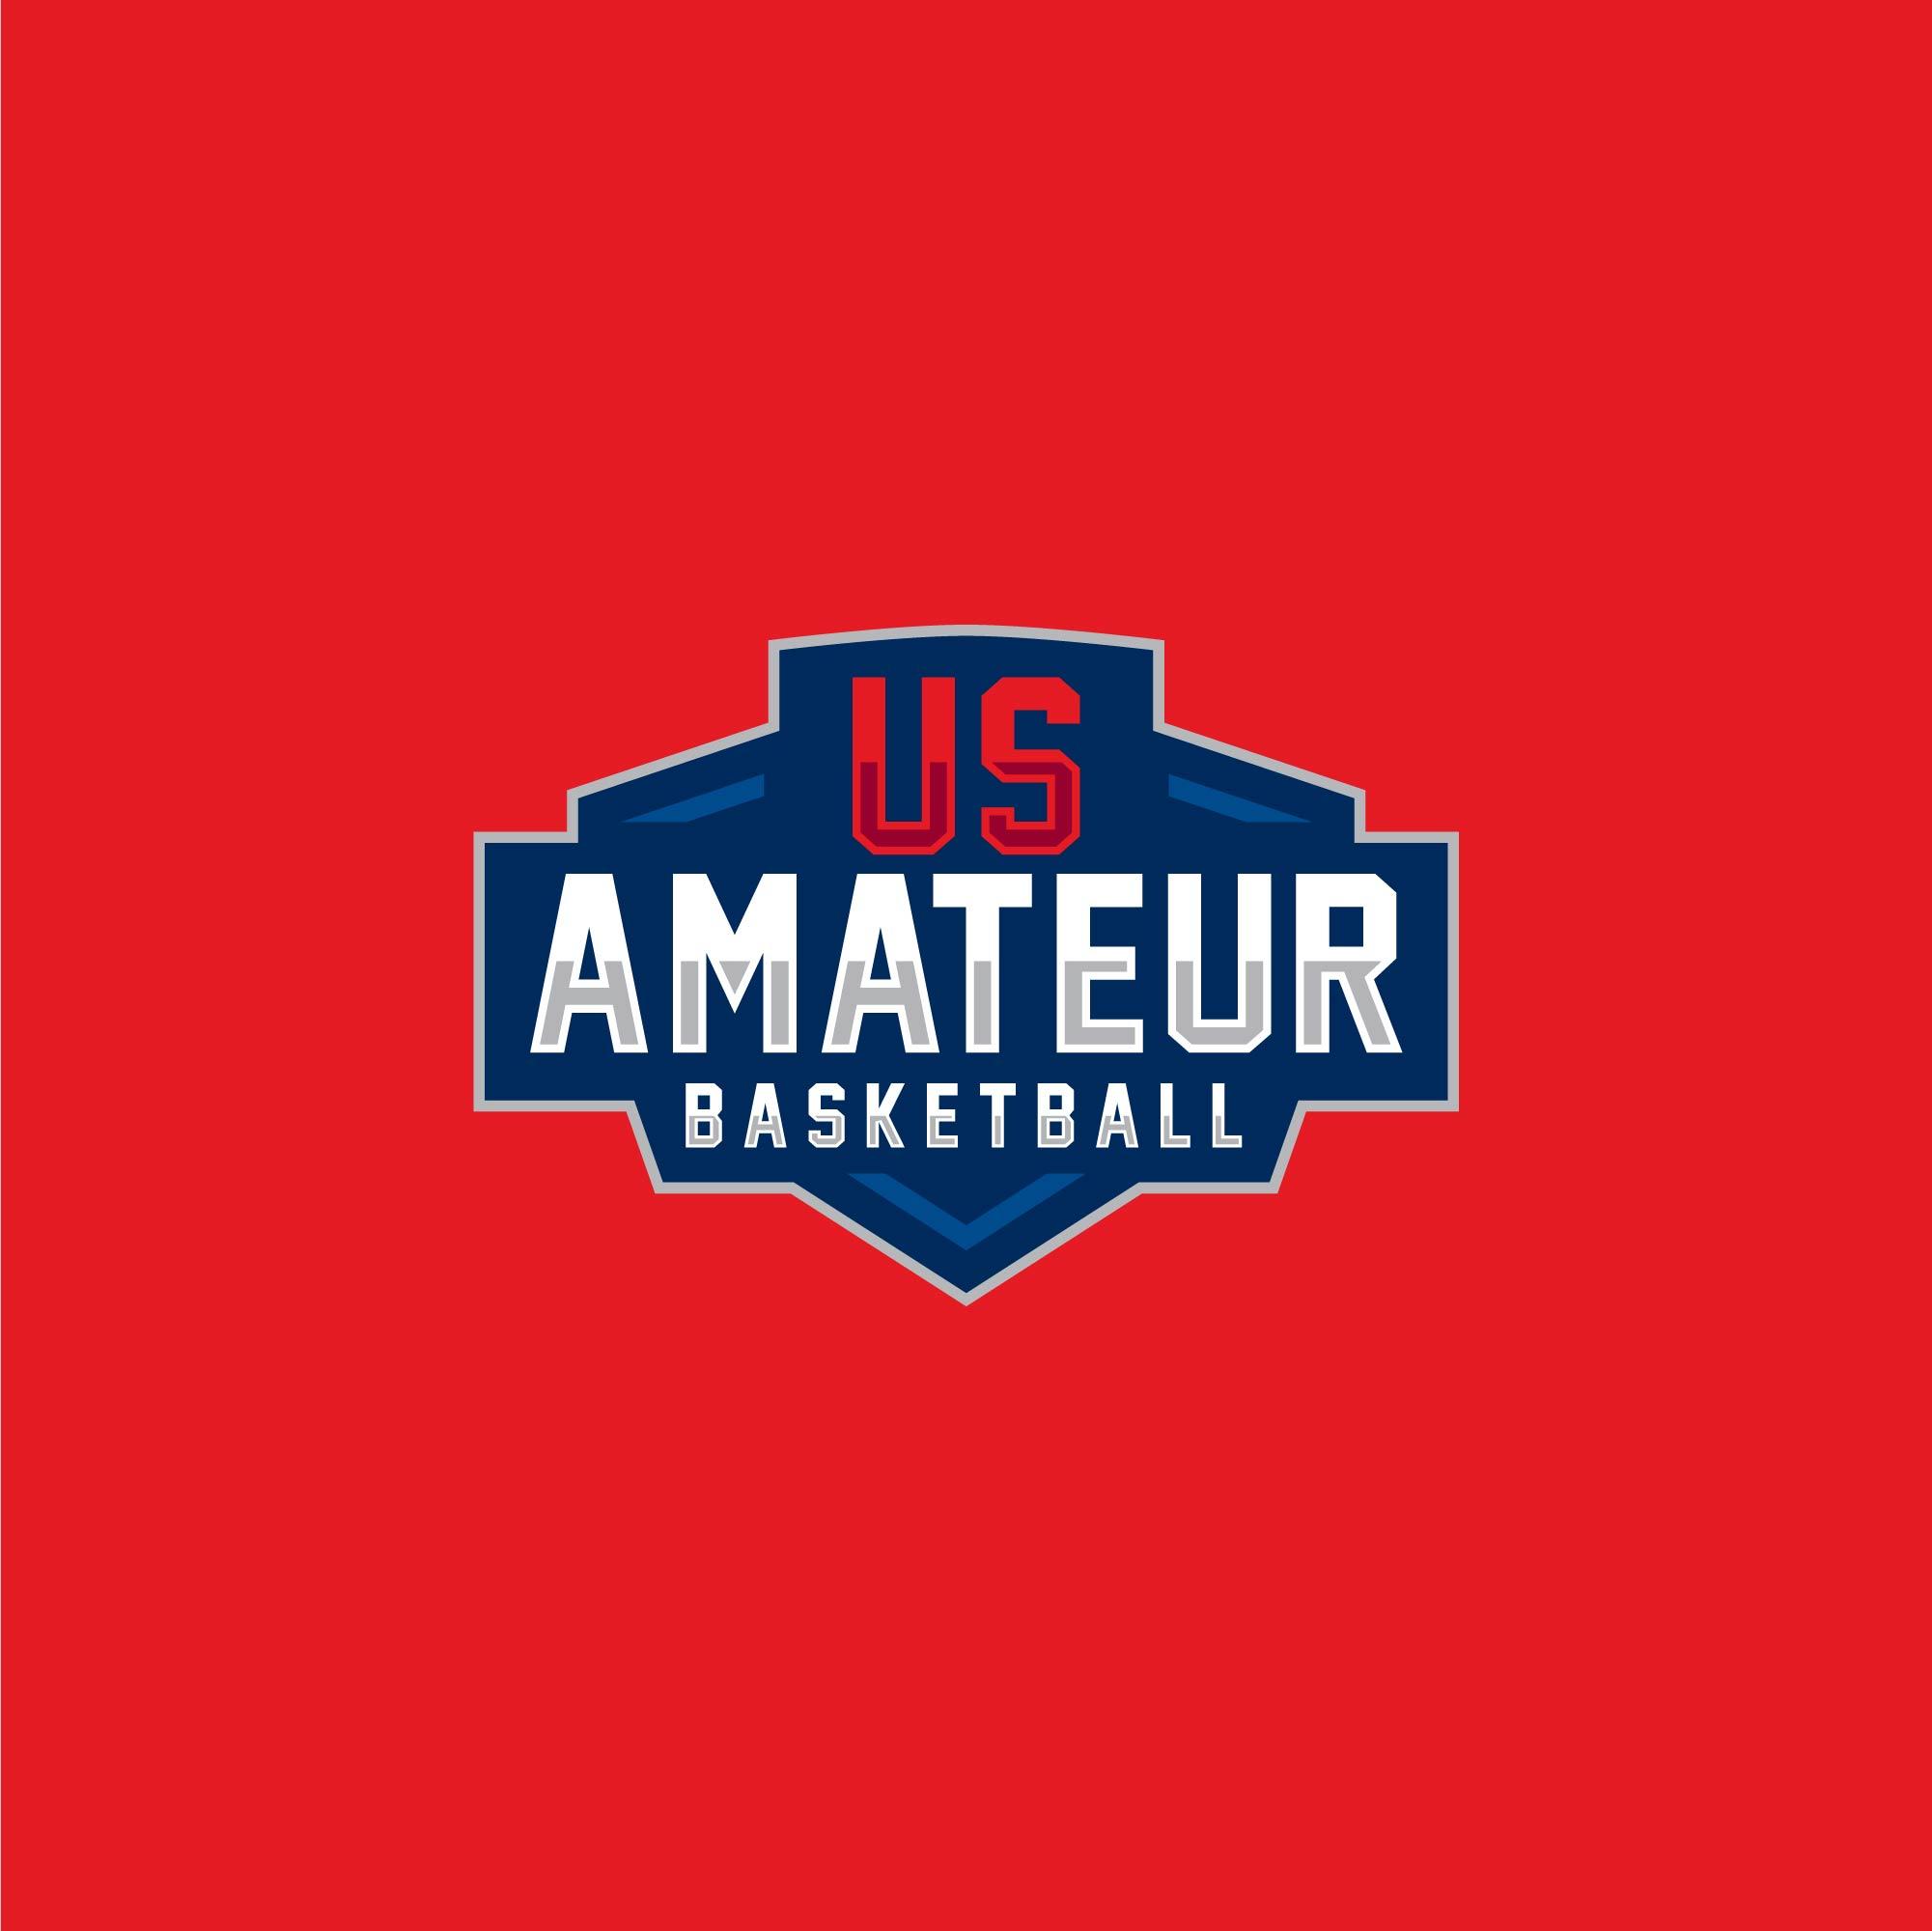 USAB 843Recruiting.com Showcase Virginia